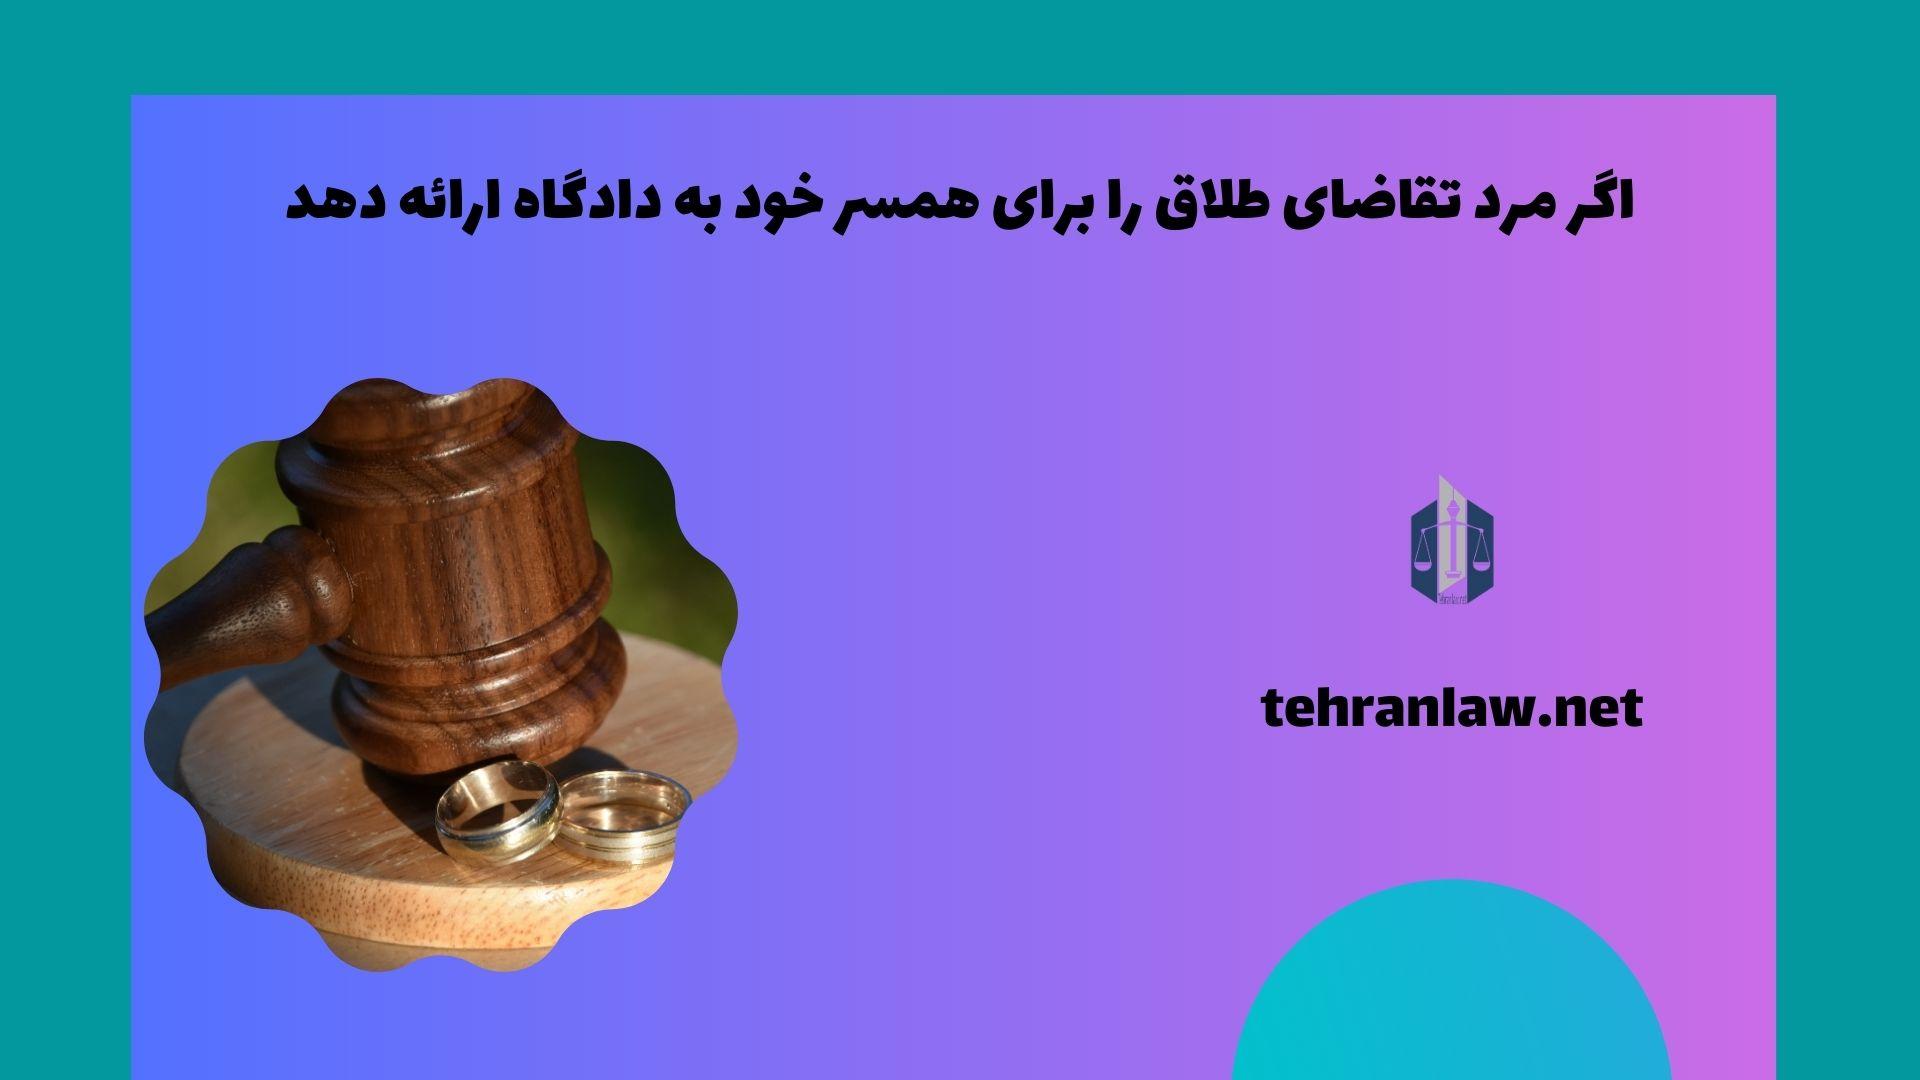 اگر مرد تقاضای طلاق را برای همسر خود به دادگاه ارائه دهد